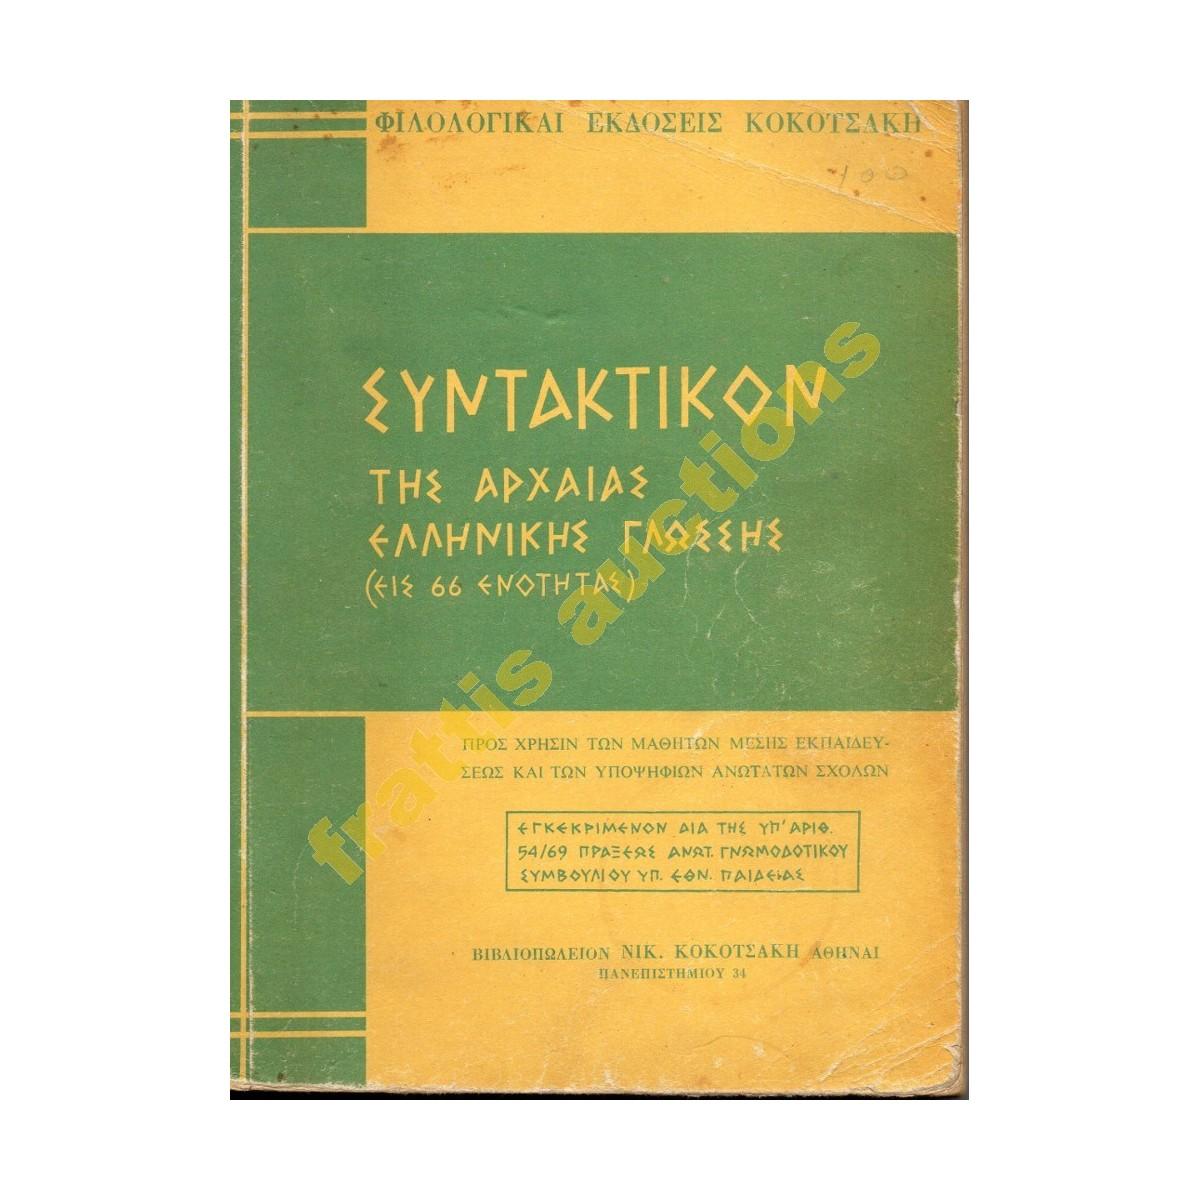 ΣΥΝΤΑΚΤΙΚΟΝ Αρχαίας Ελληνικής Γλώσσης ( εις 66 ενότητας) Φιλολ. εκδόσεις ΚΟΚΟΤΣΑΚΗ.